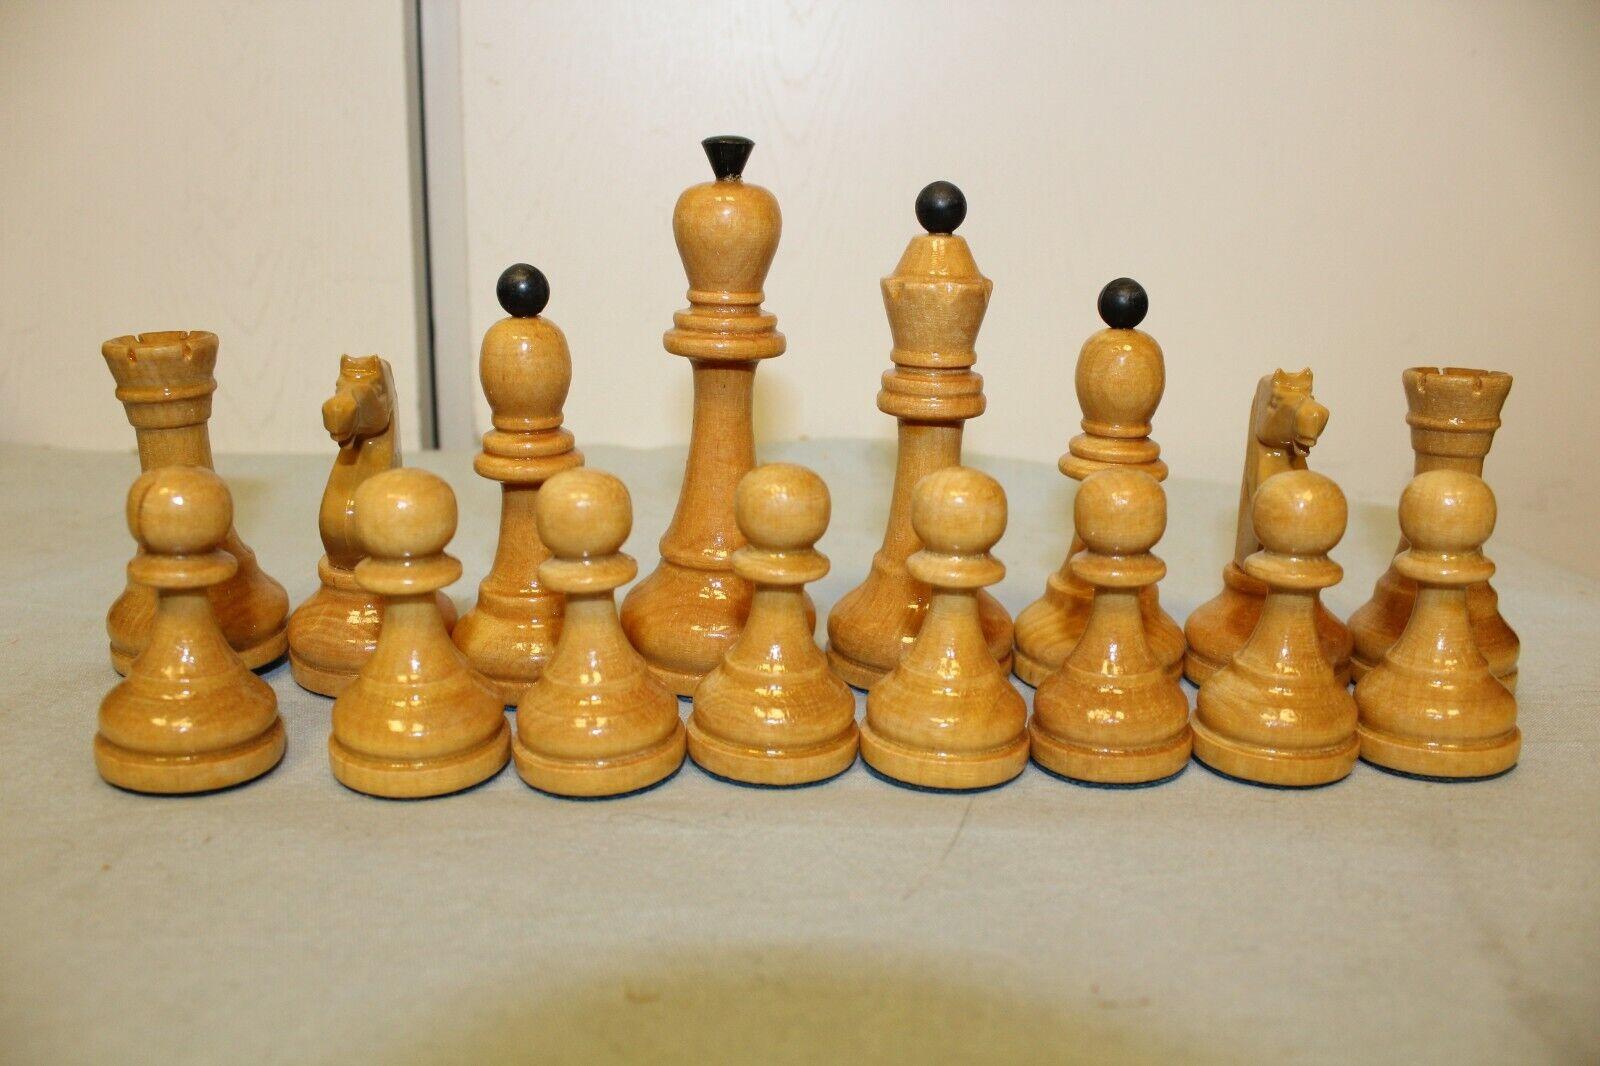 En Bois Vintage  Pièces d'échecs dans la boîte en voitureton. URSS  économiser jusqu'à 50%